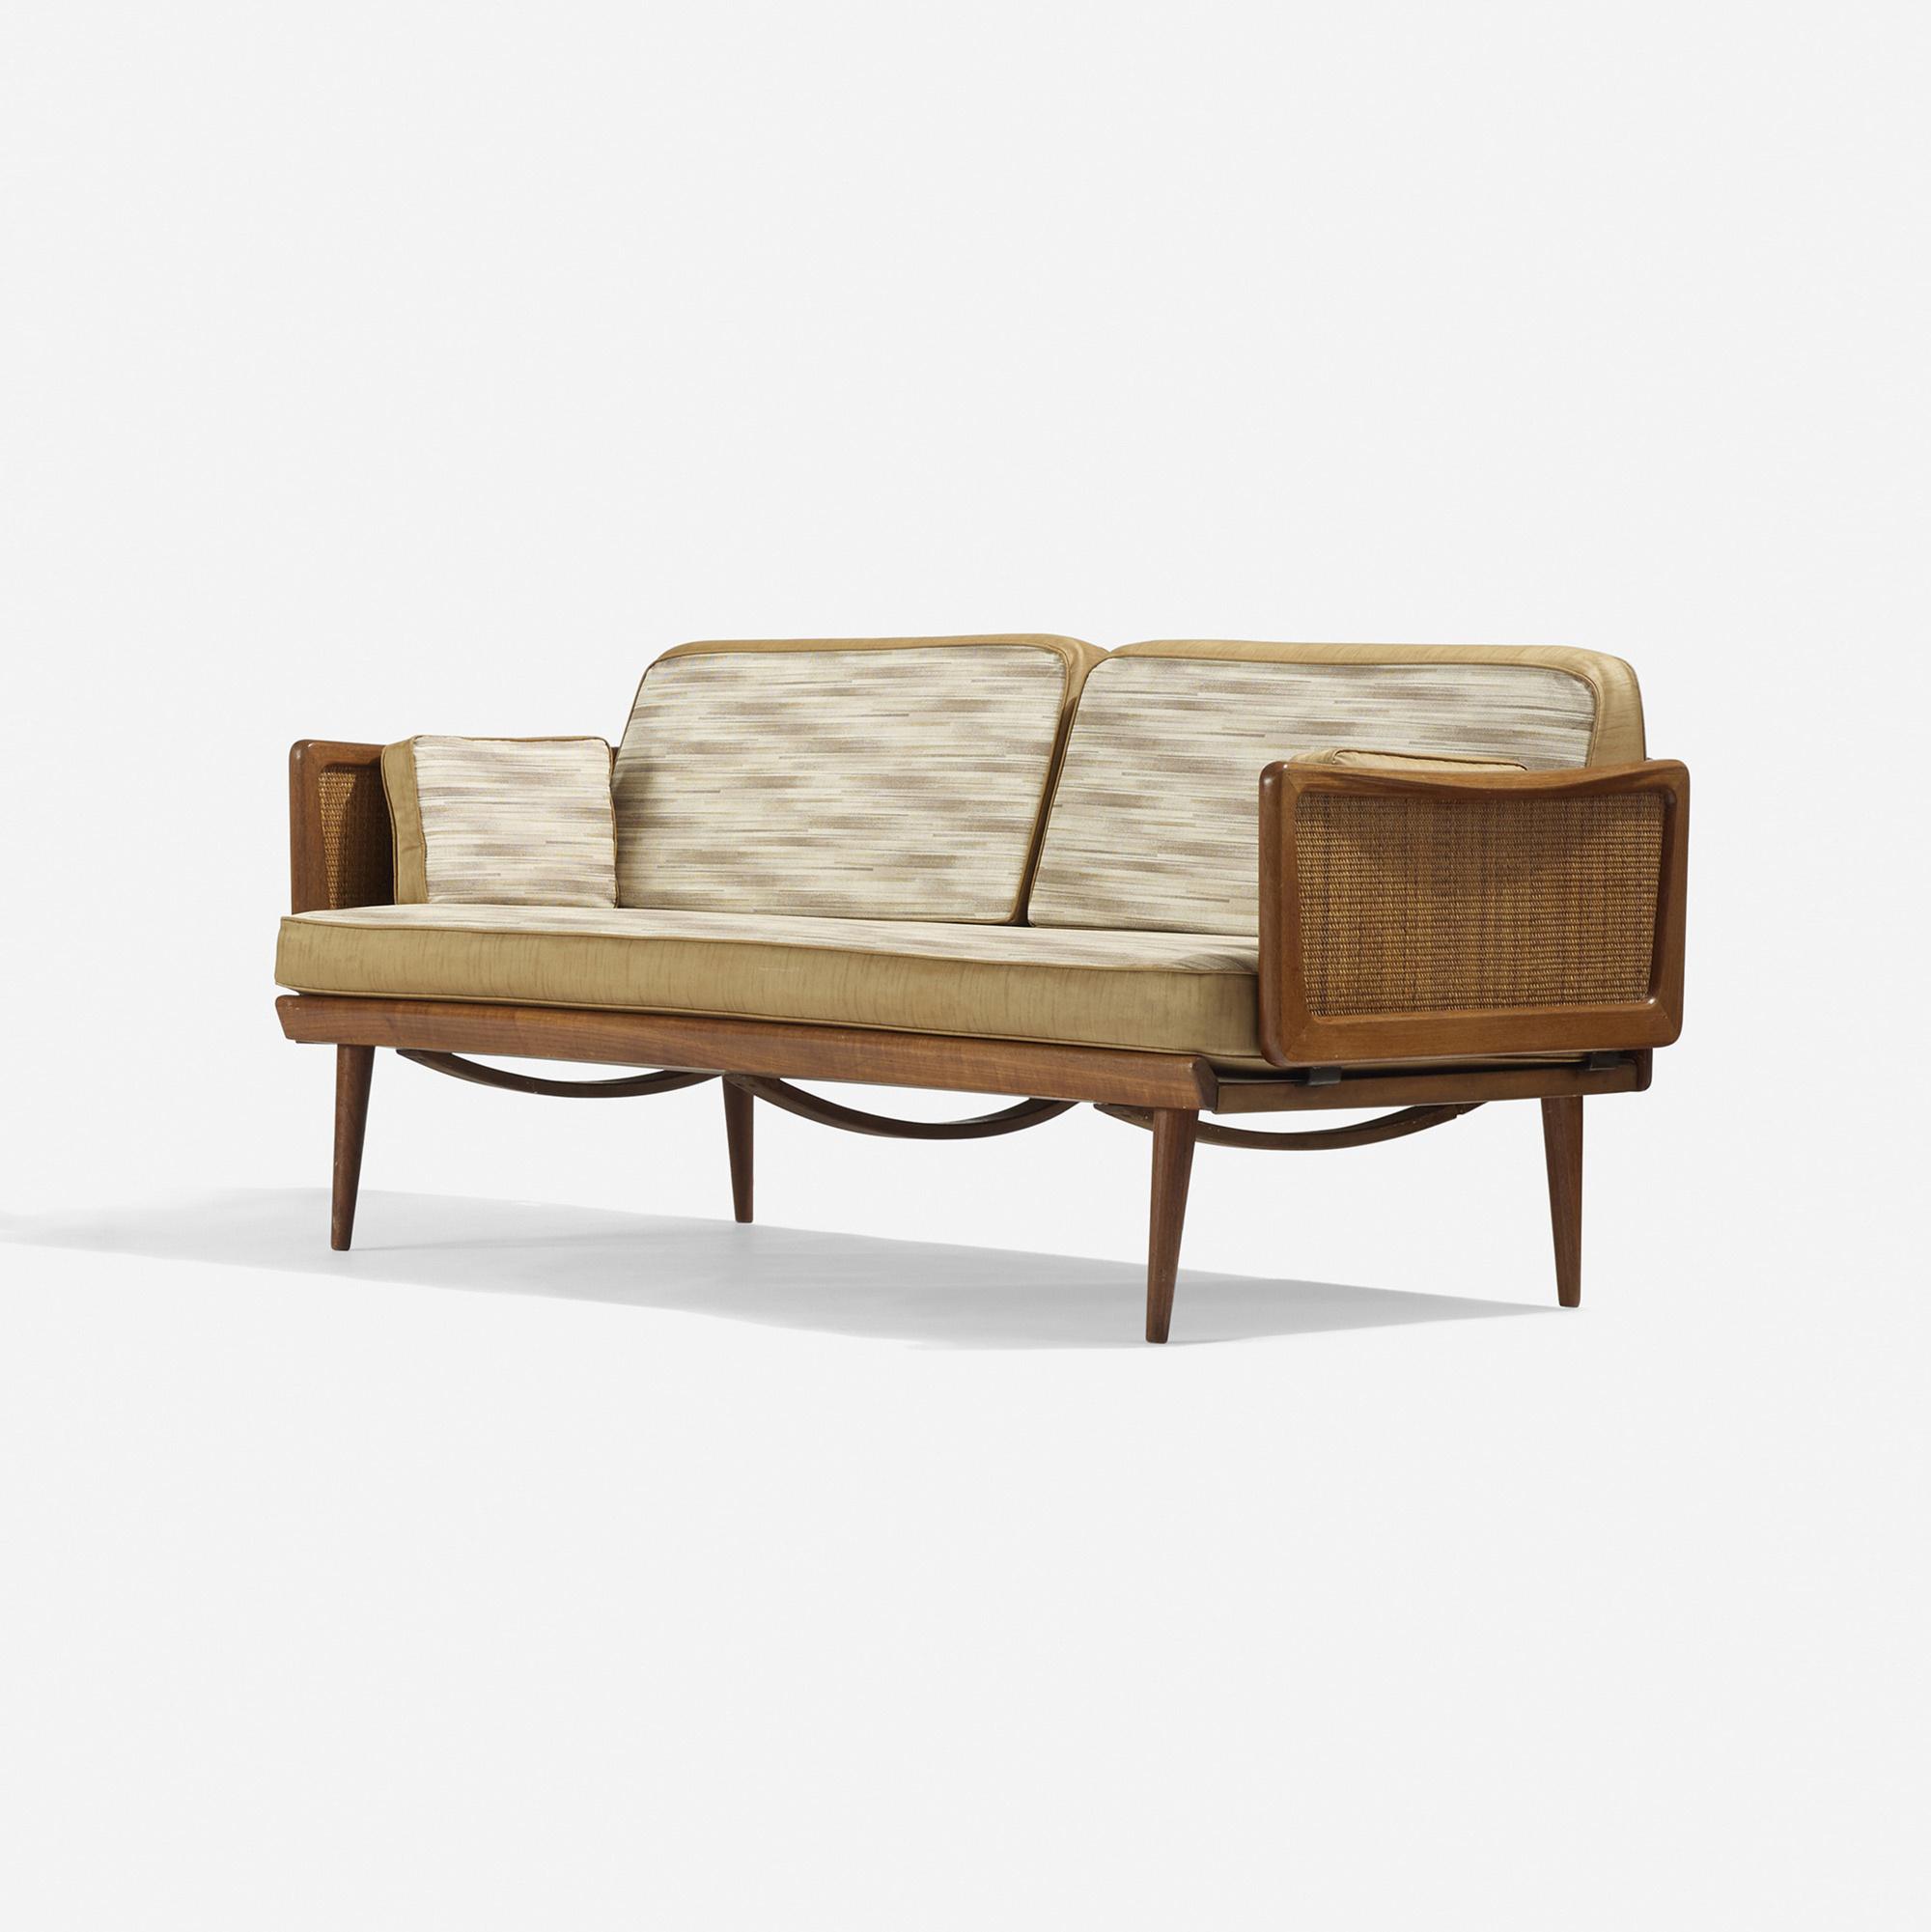 363: Peter Hvidt / daybed, model FD 451 (1 of 2)